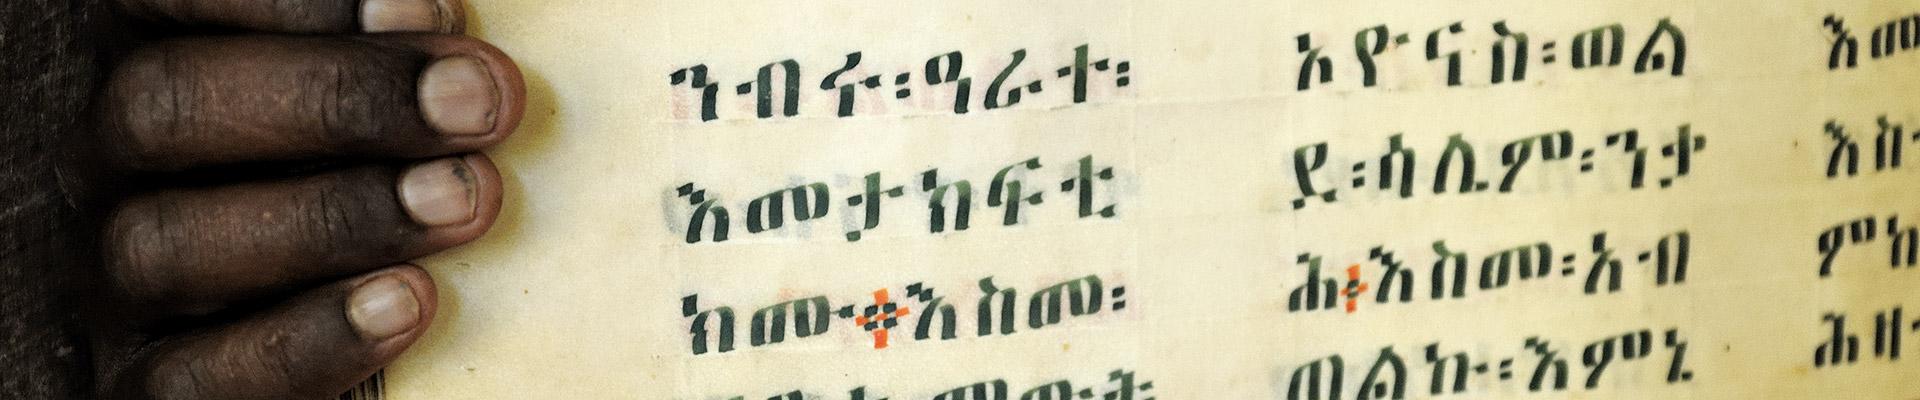 Top image vieux manuscrit enluminé